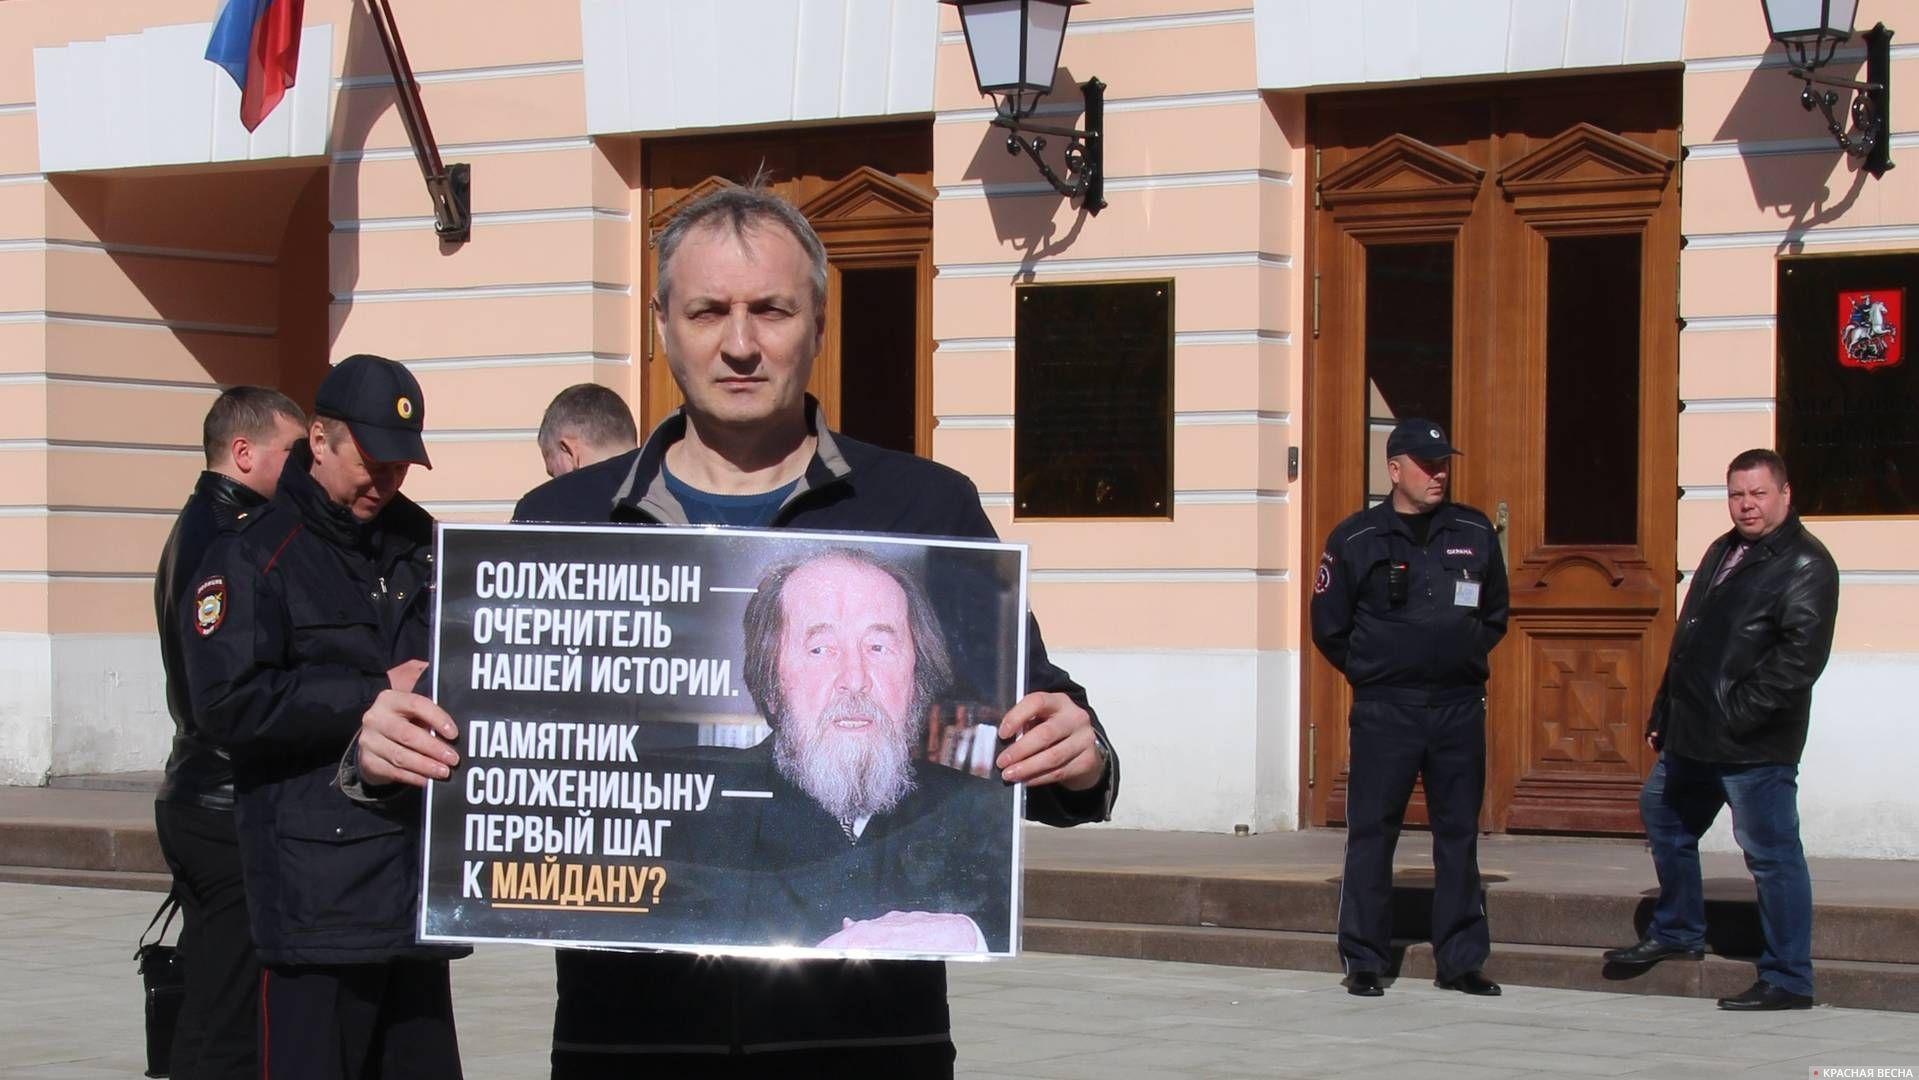 20180427_15-28-«Суть времени» выступила против установки памятника Солженицыну